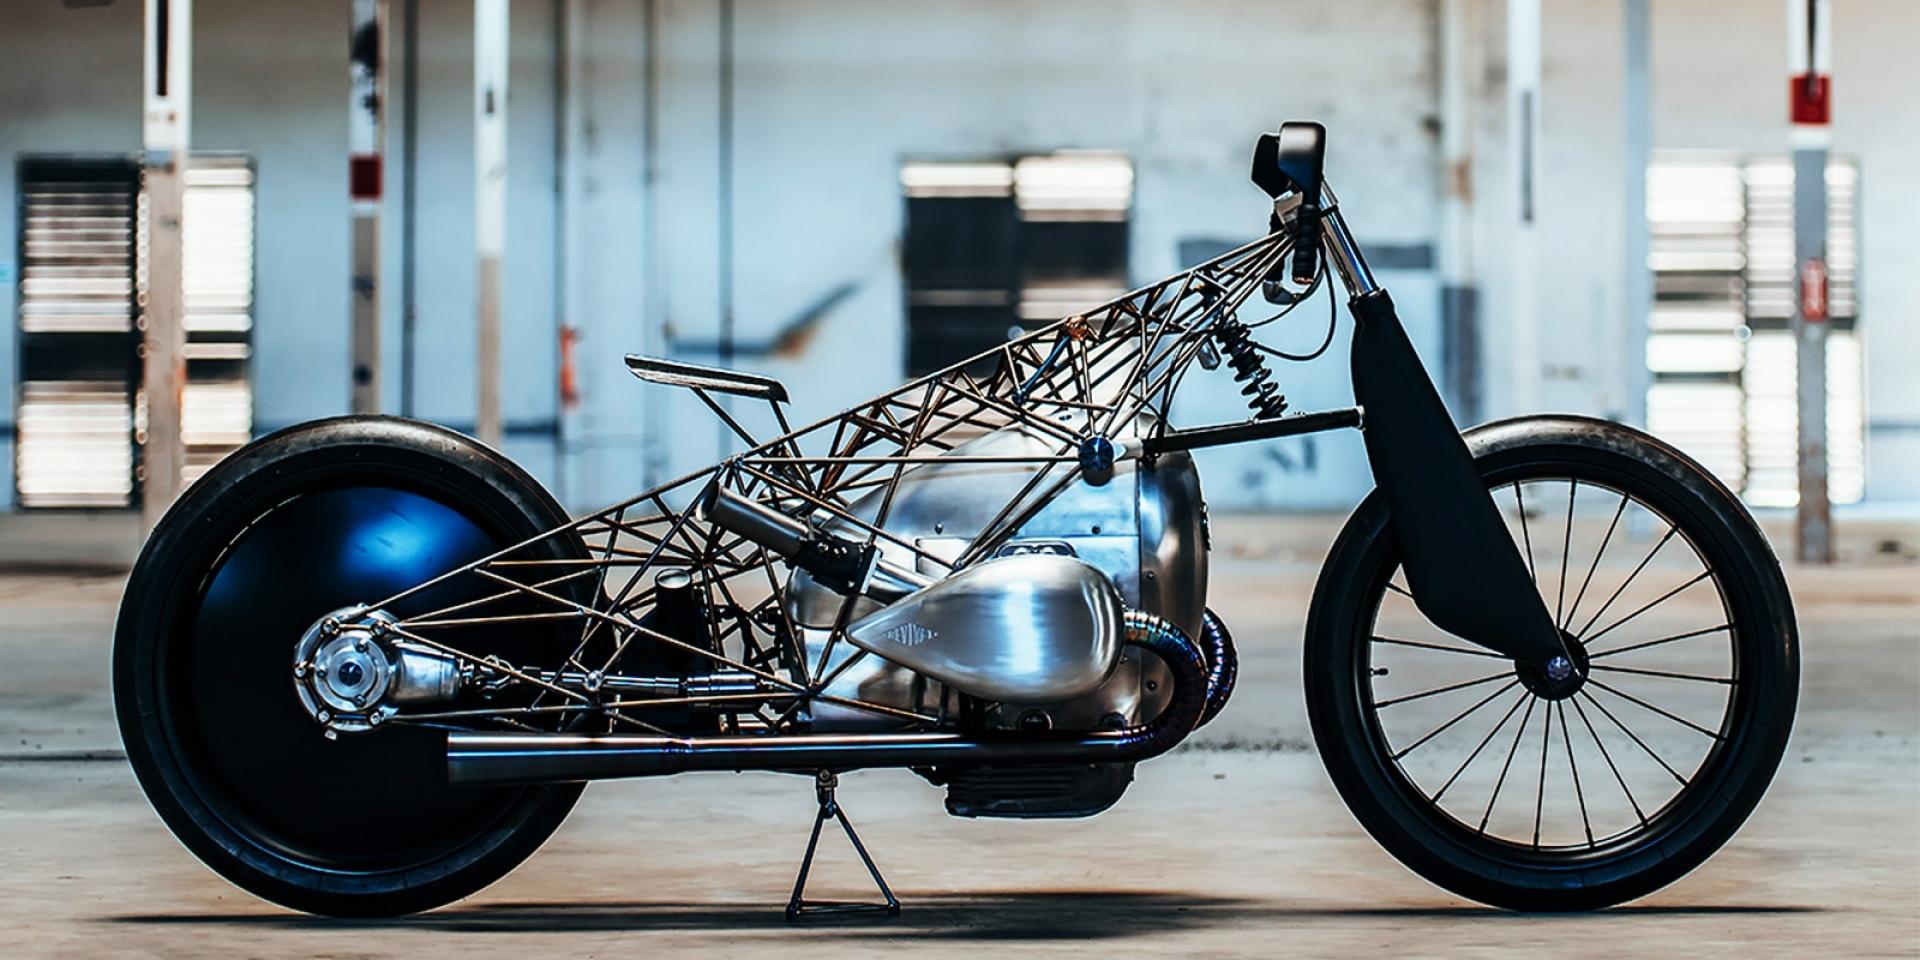 極簡至上。BMW新式引擎一展工藝美學 by Revival Cycle